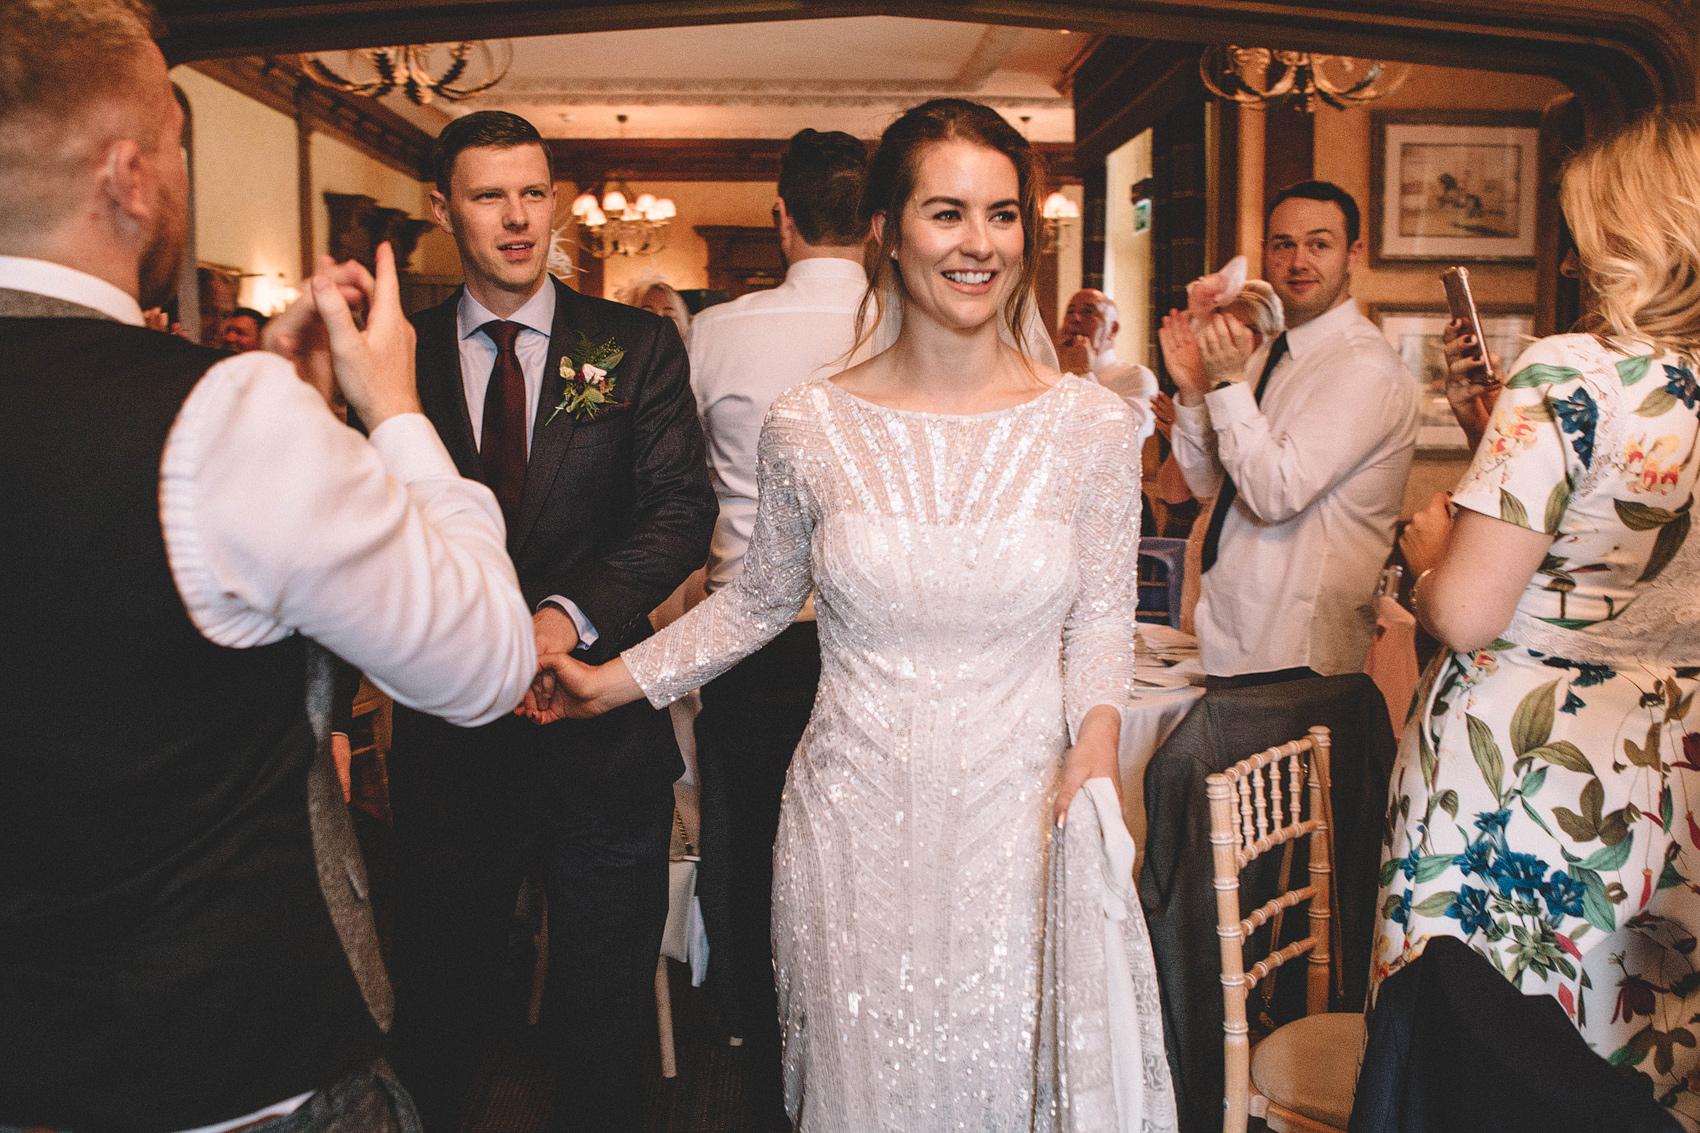 Inglewood_Manor_Wedding_Photography_-_Claire_Basiuk_Cheshire_Photographer_-_44_42.jpg